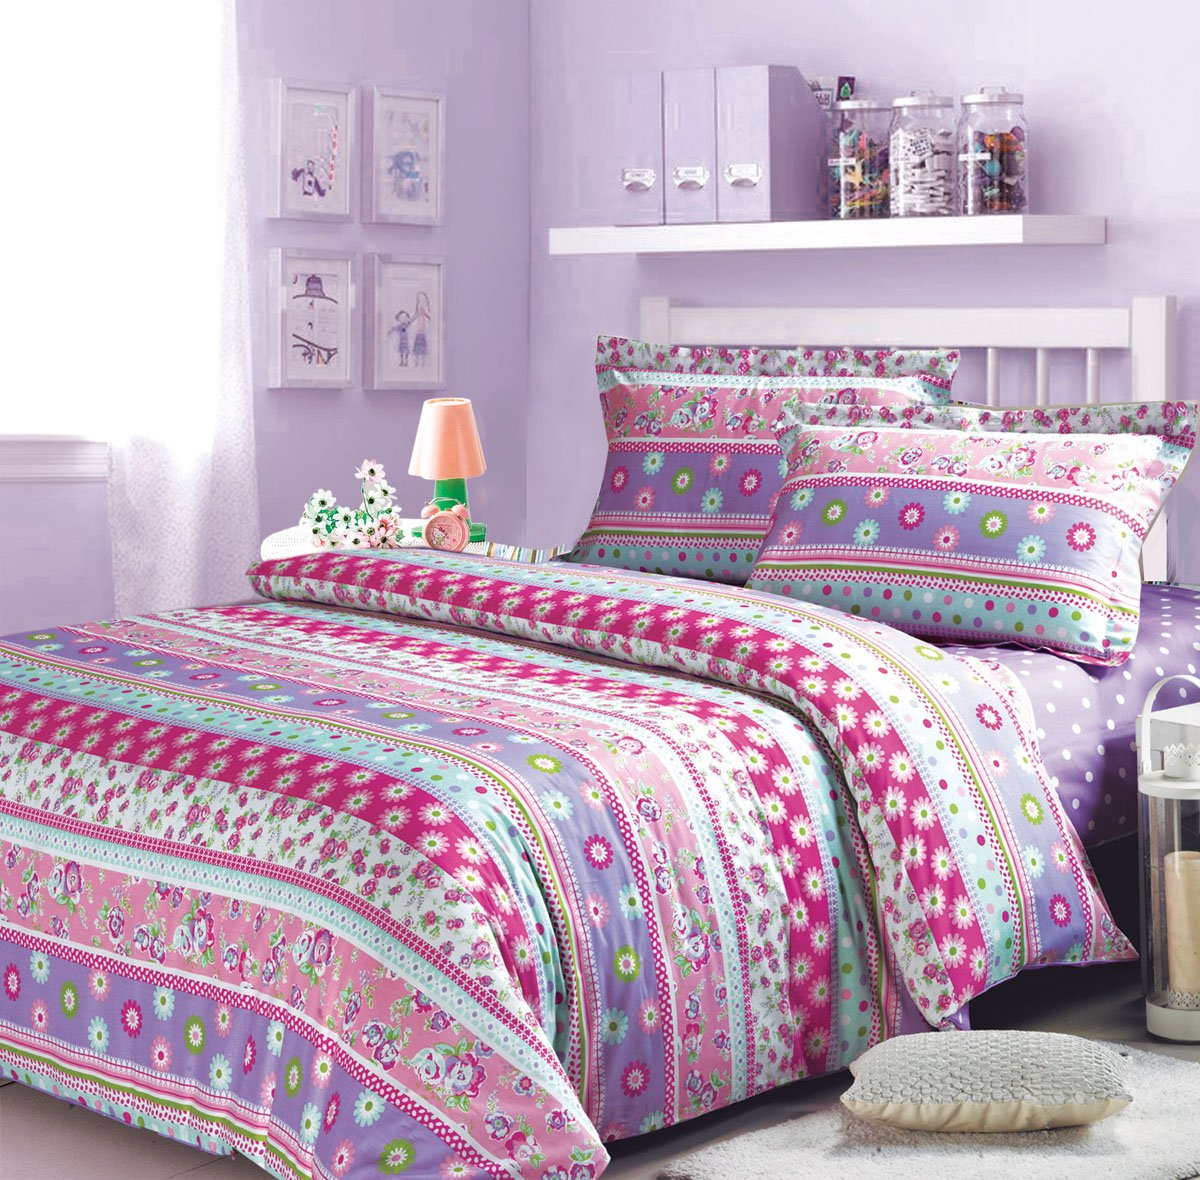 Angel In The Spring Duvet Cover Set Purple Girls Bedding Kids Bedding, Full Size